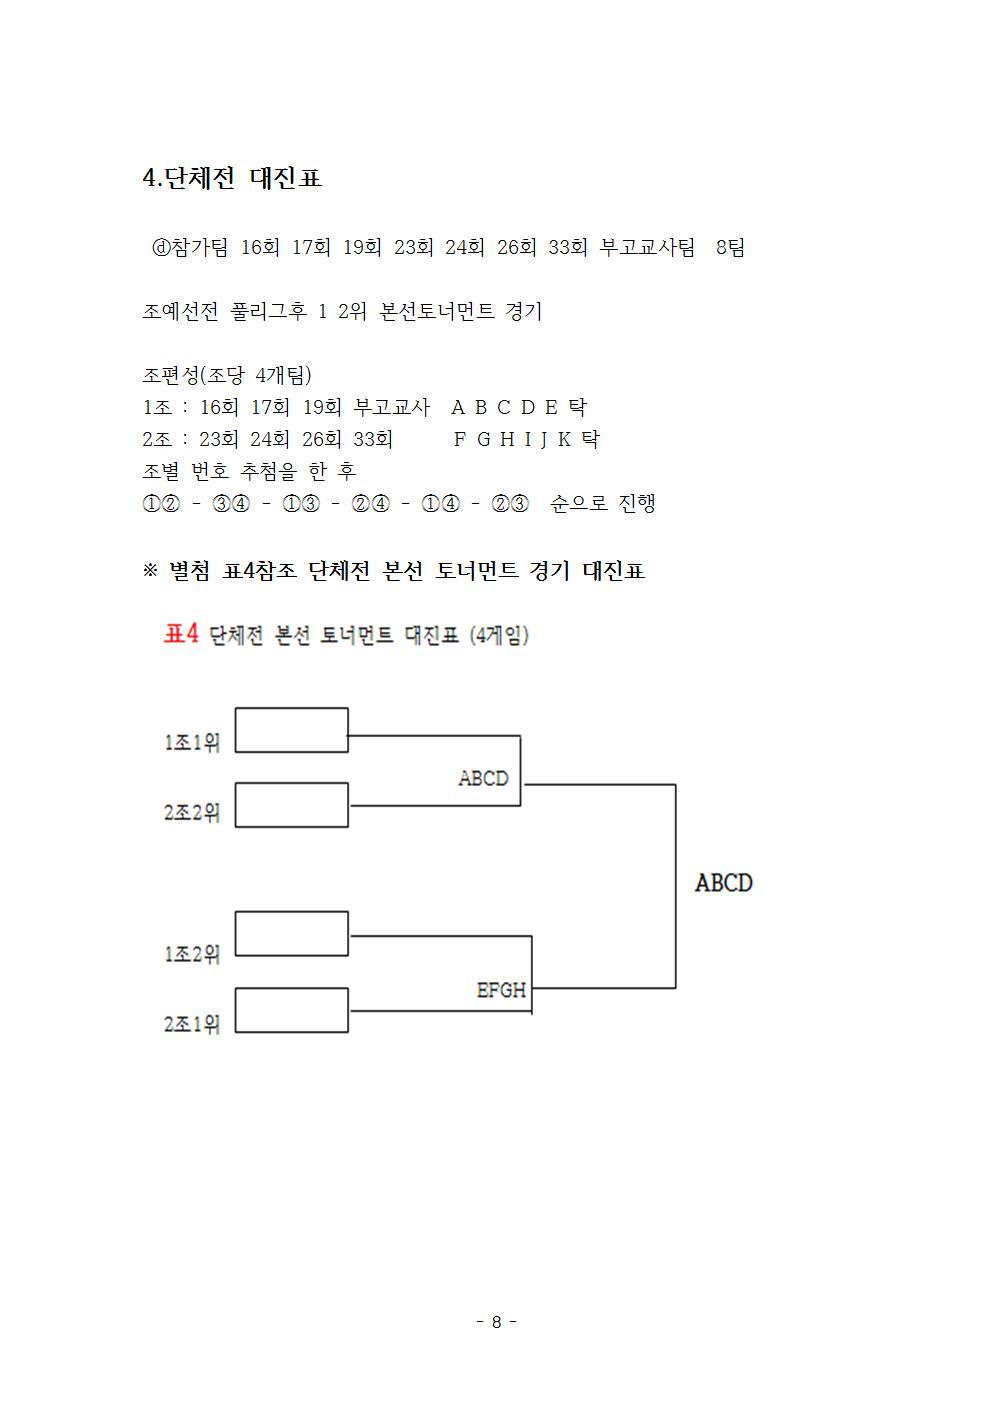 제1회  선농가족 탁구대회 대진표(1)008.jpg